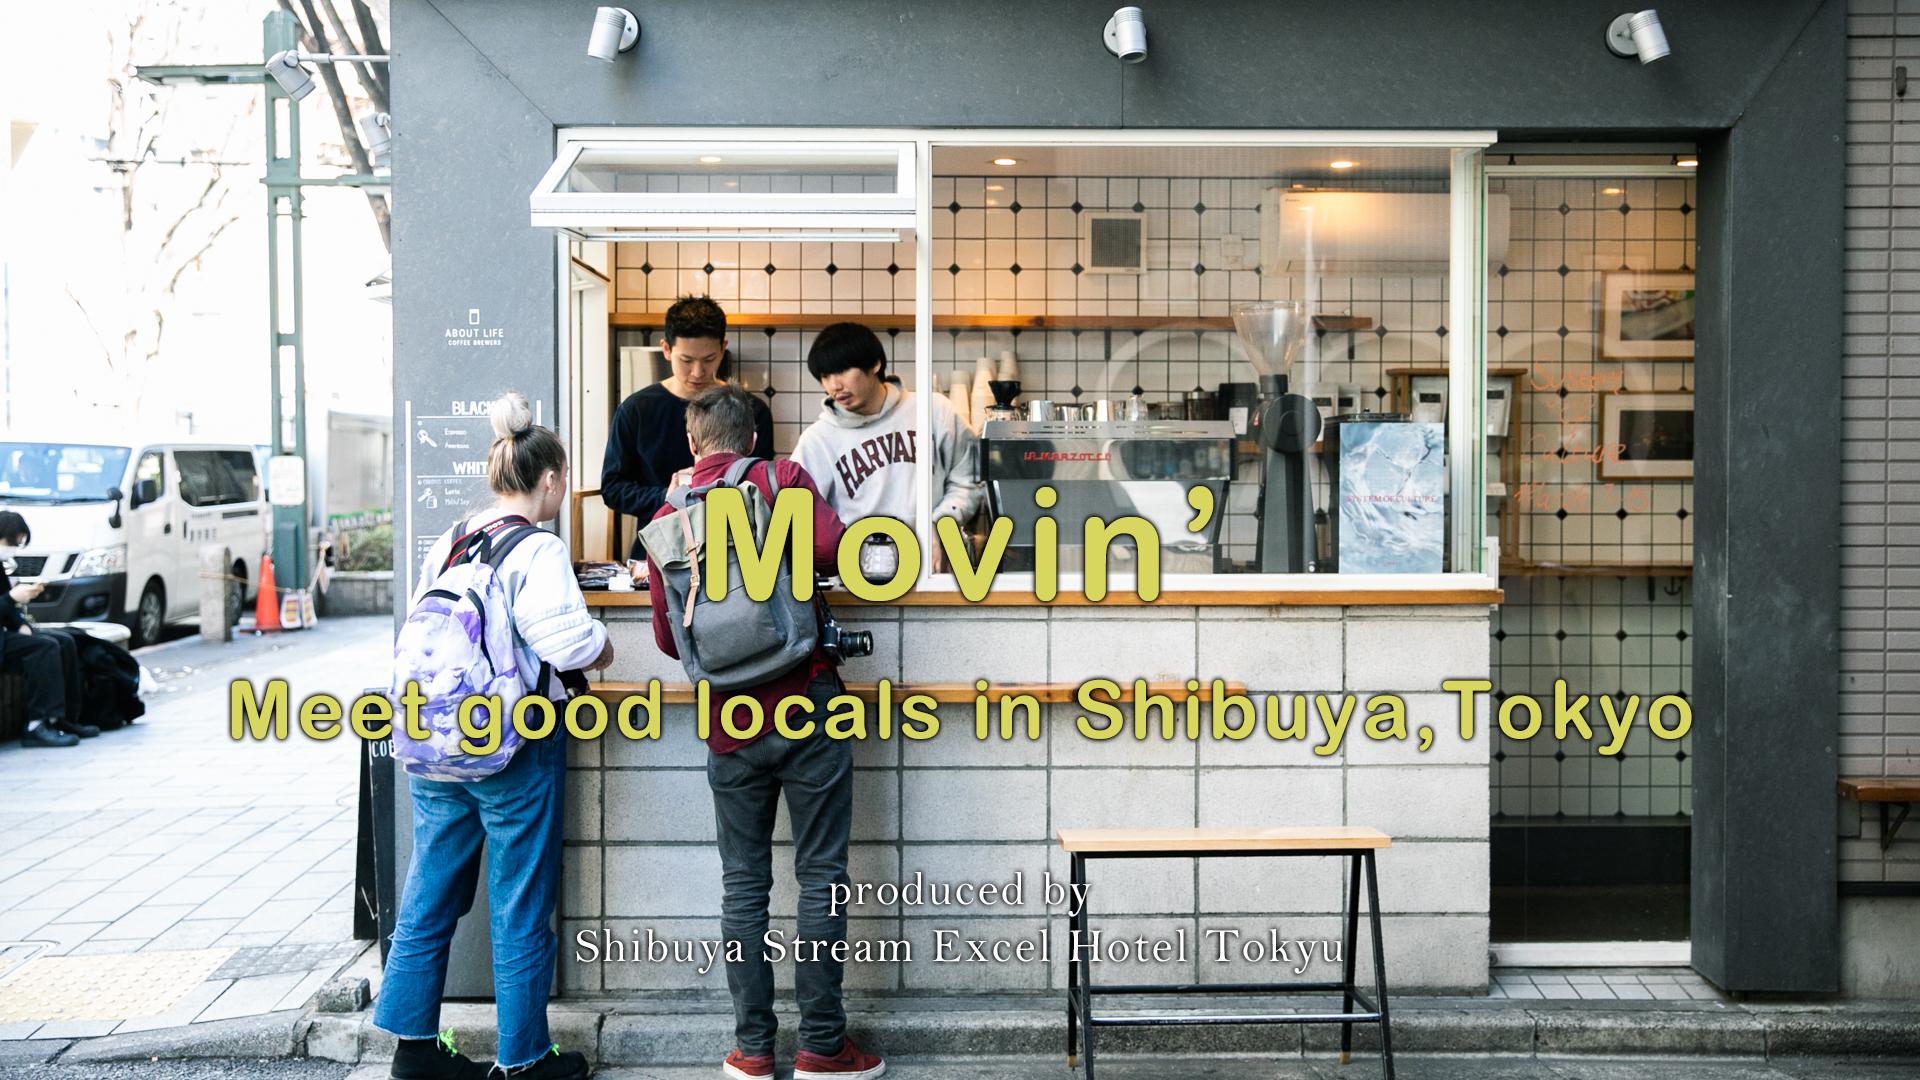 【渋谷ストリームエクセルホテル東急】ローカル目線で街を楽しむコンテンツ「Movin'」スタート 画像